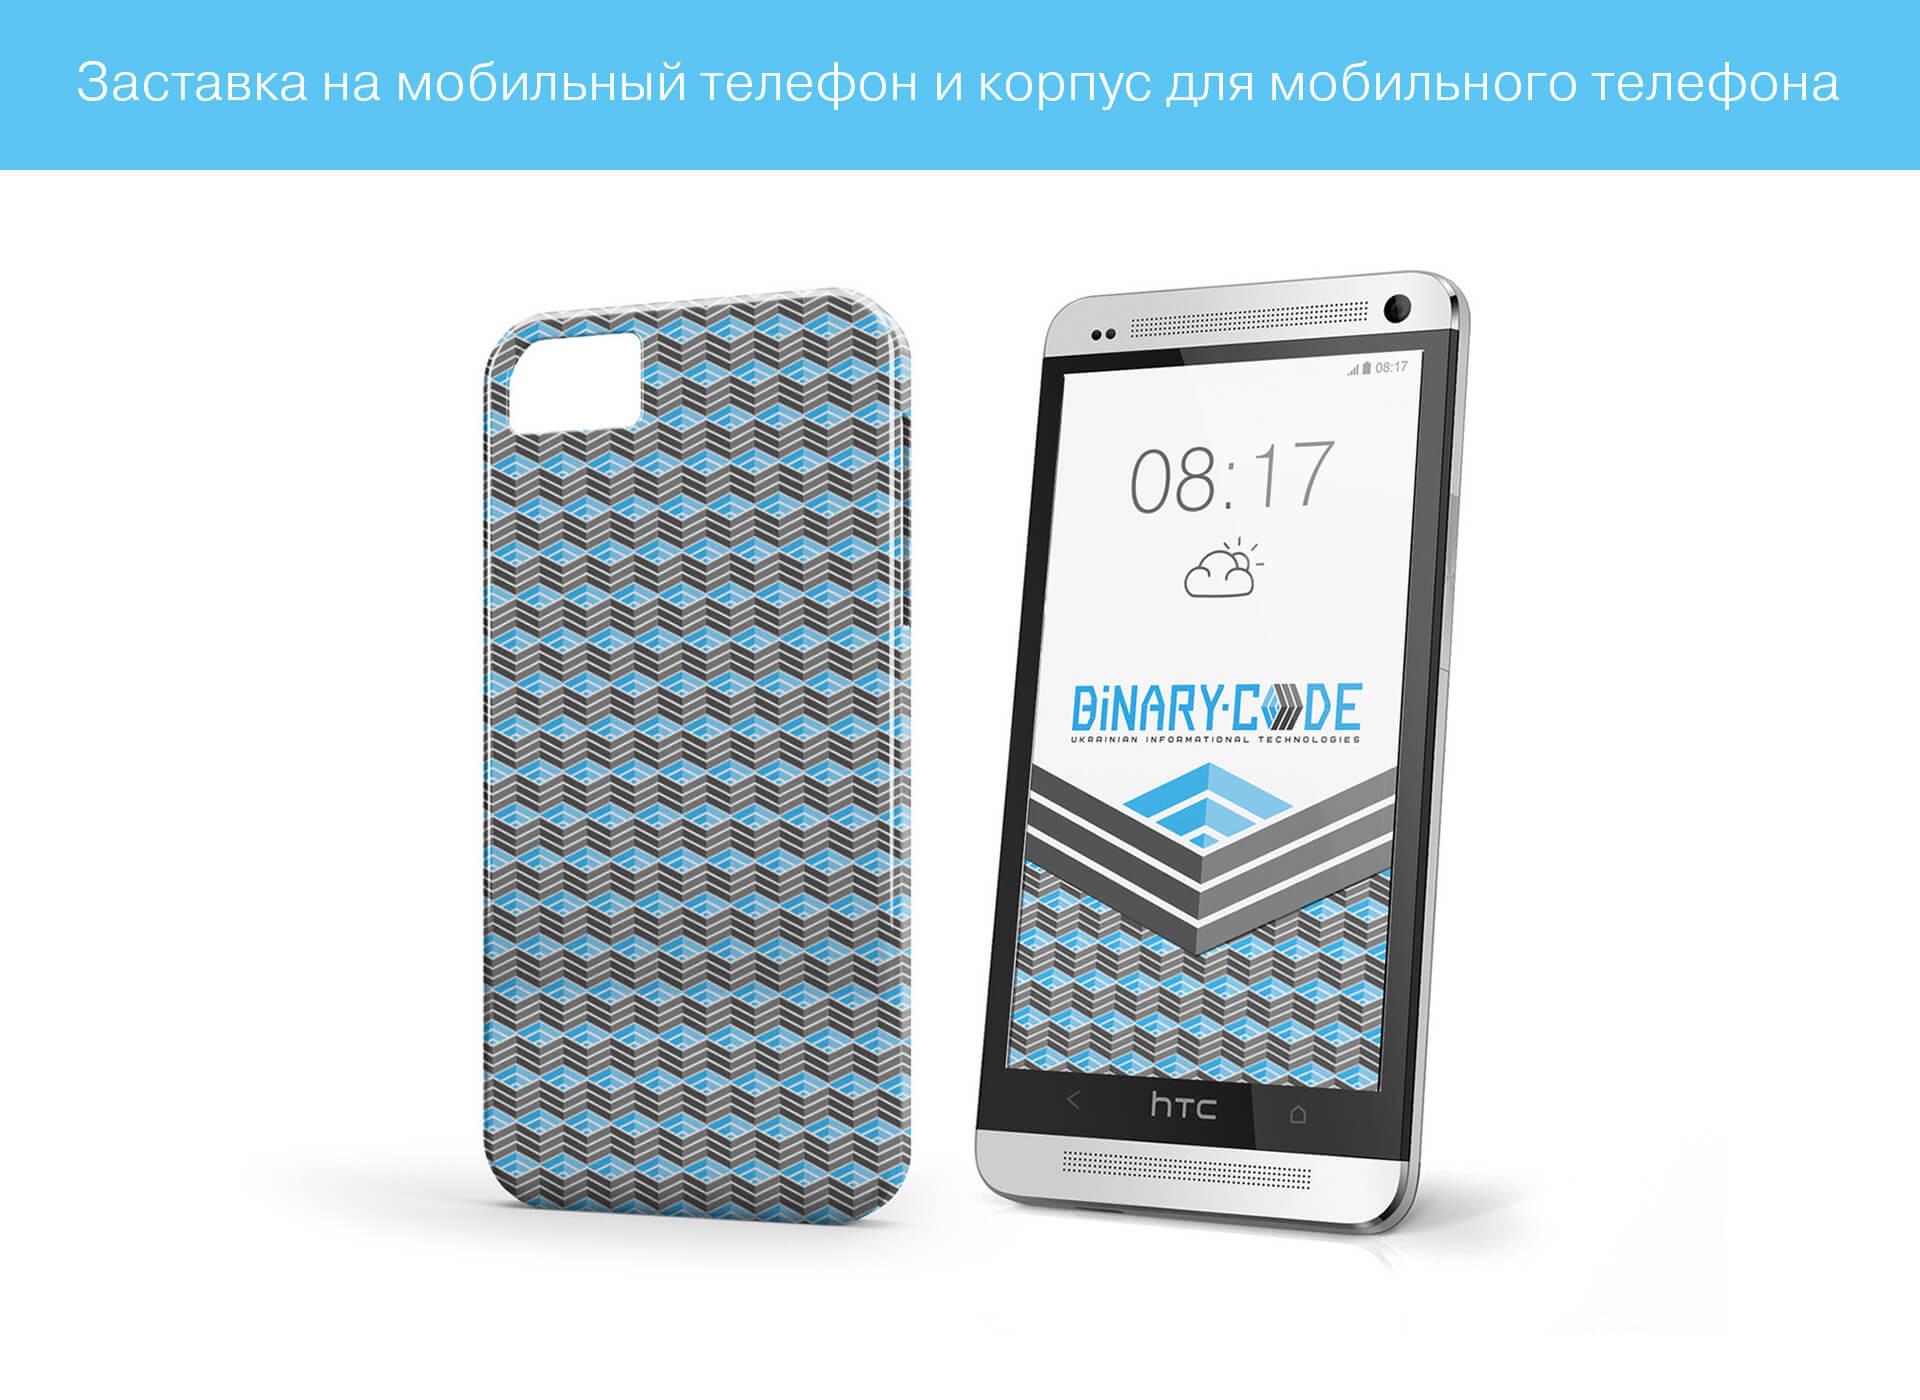 Prokochuk_Irina_BINARY-CODE_5_